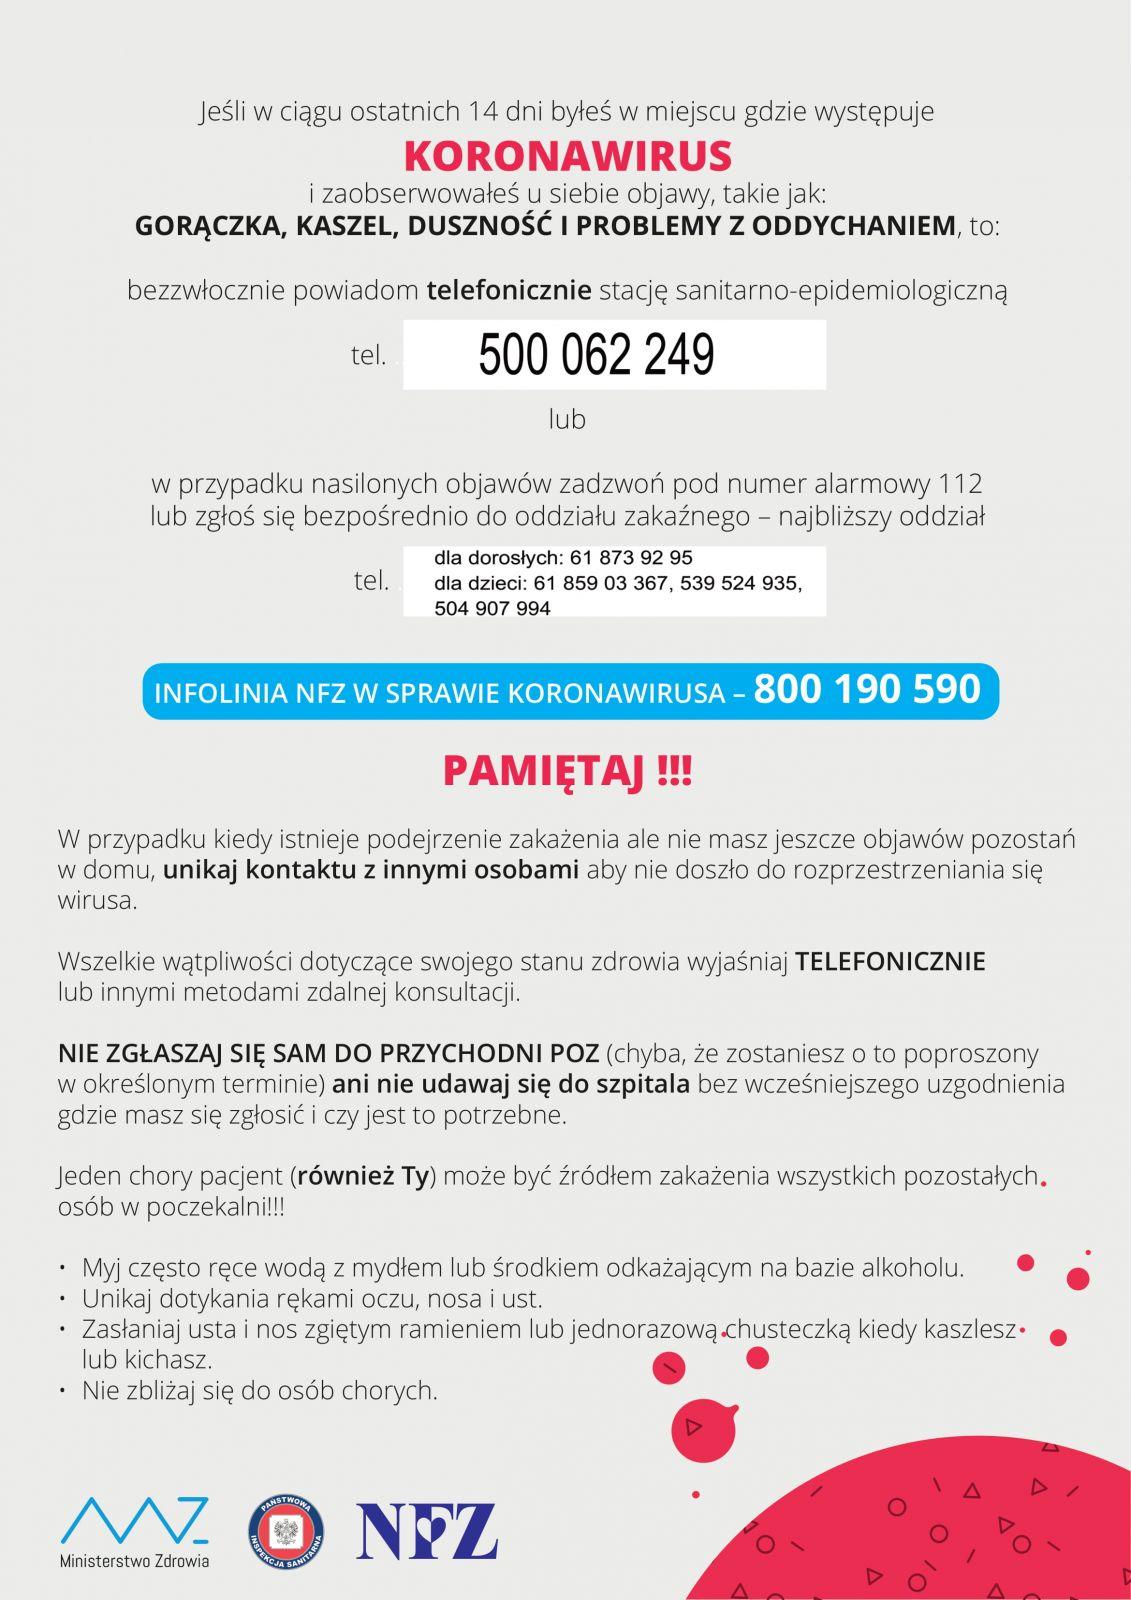 Koronawirus - plakat informacyjny